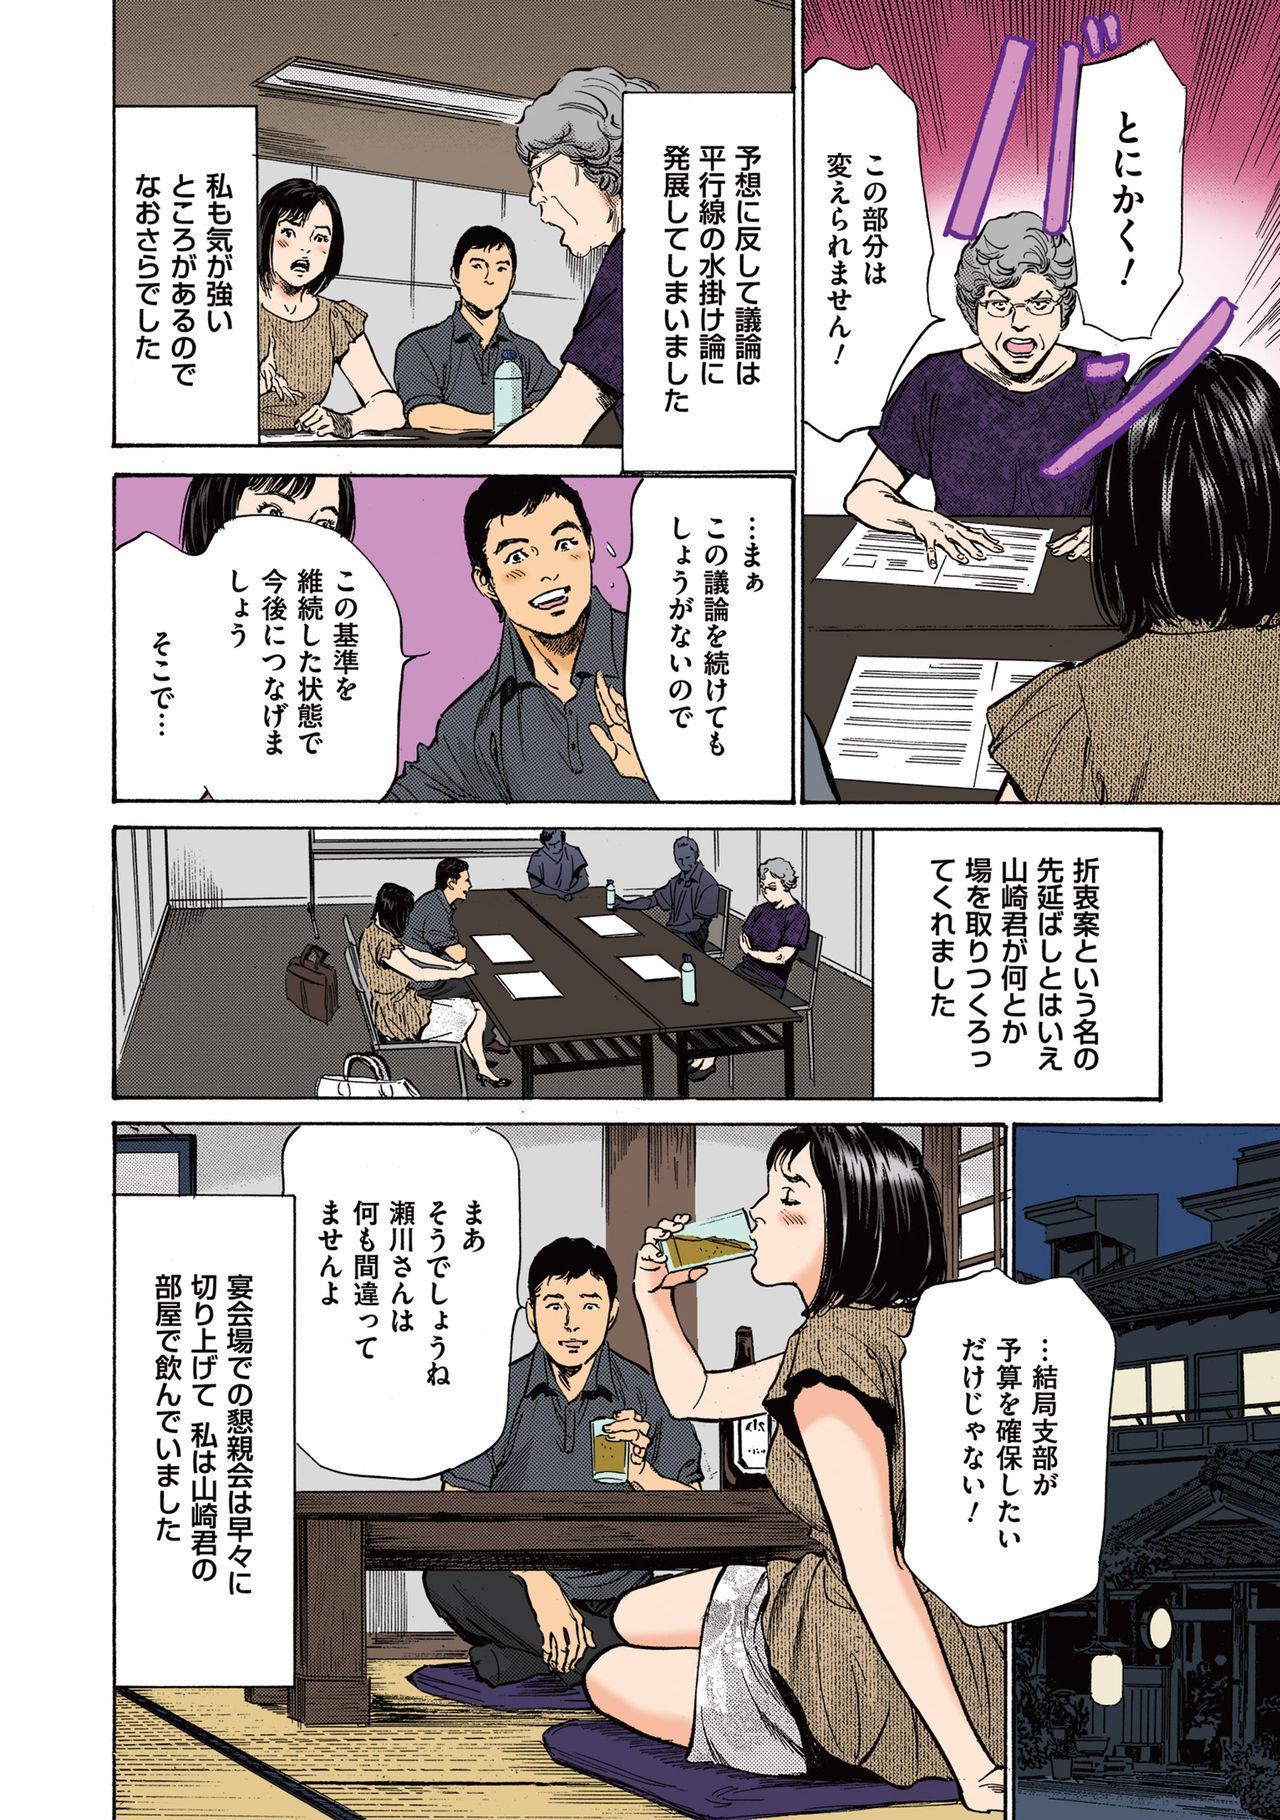 [Hazuki Kaoru] Hazuki Kaoru no Tamaranai Hanashi (Full Color Version) 2-1 87